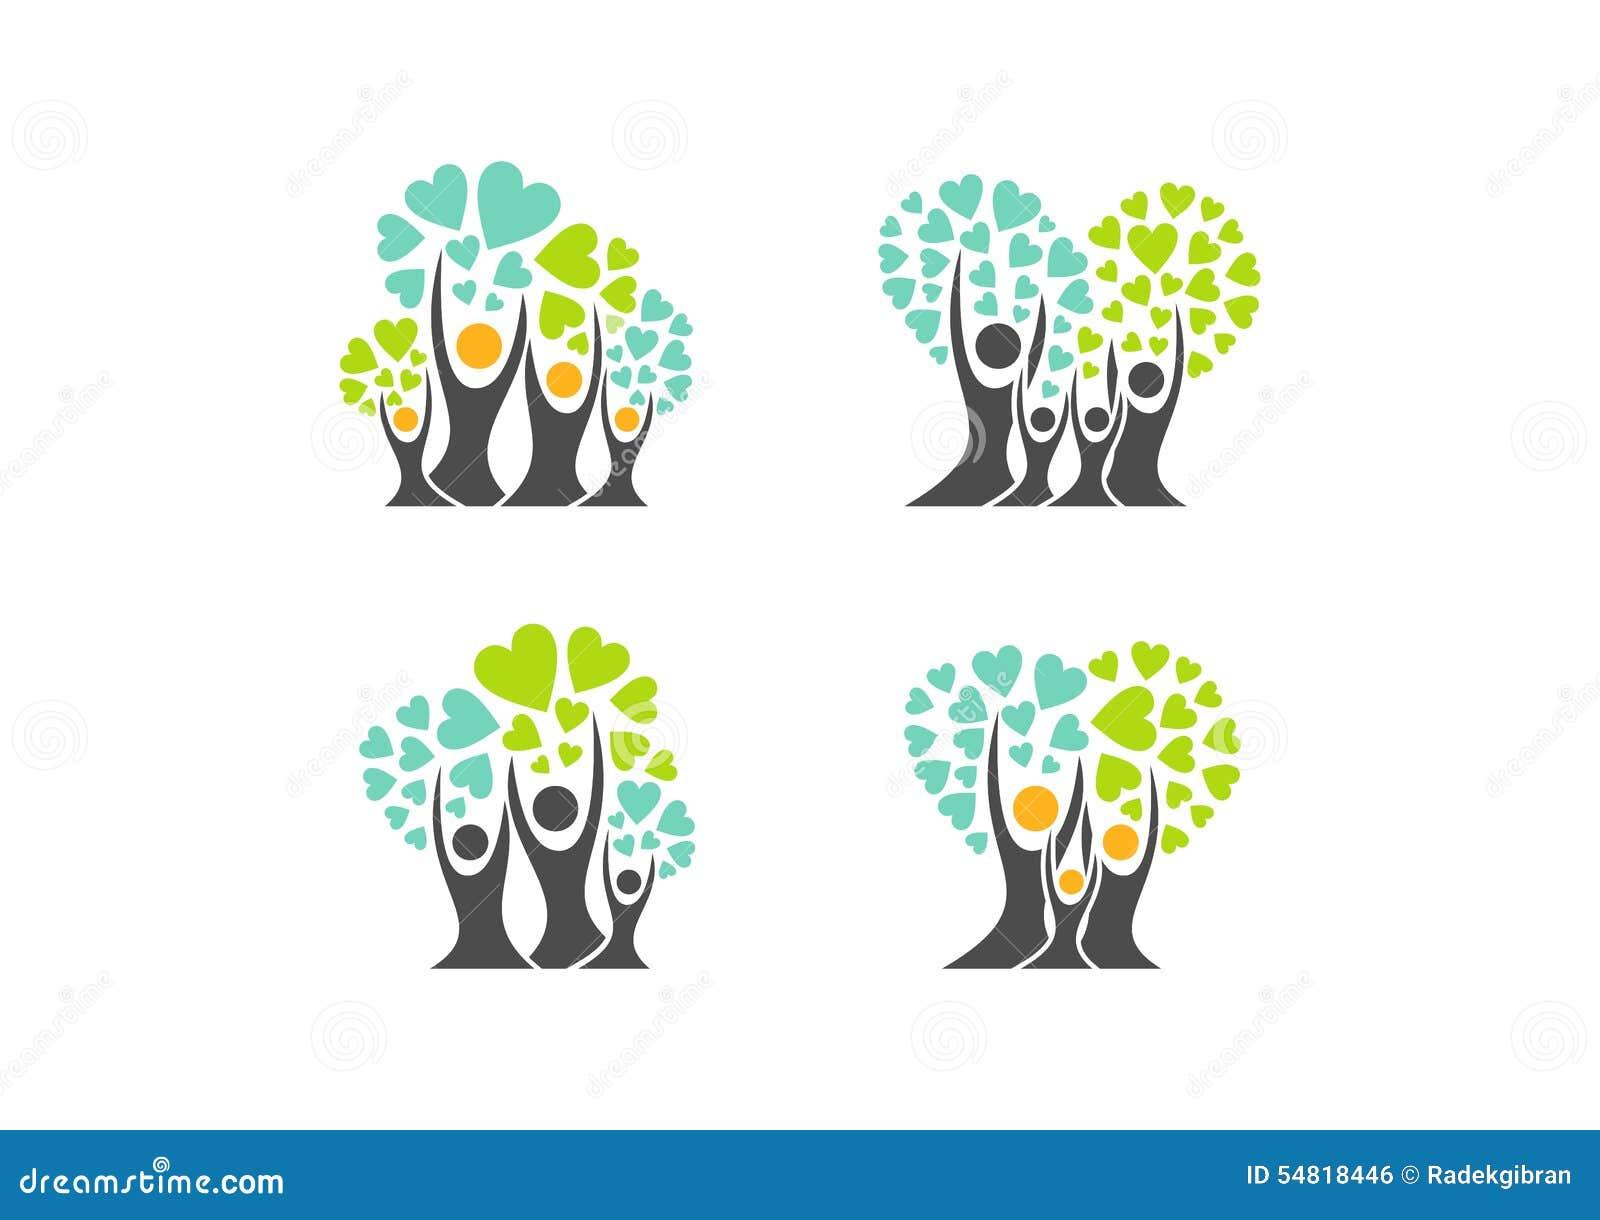 Logotipo da árvore genealógica, símbolos da árvore do coração da família, pai, criança, parenting, cuidado, vetor ajustado do pro